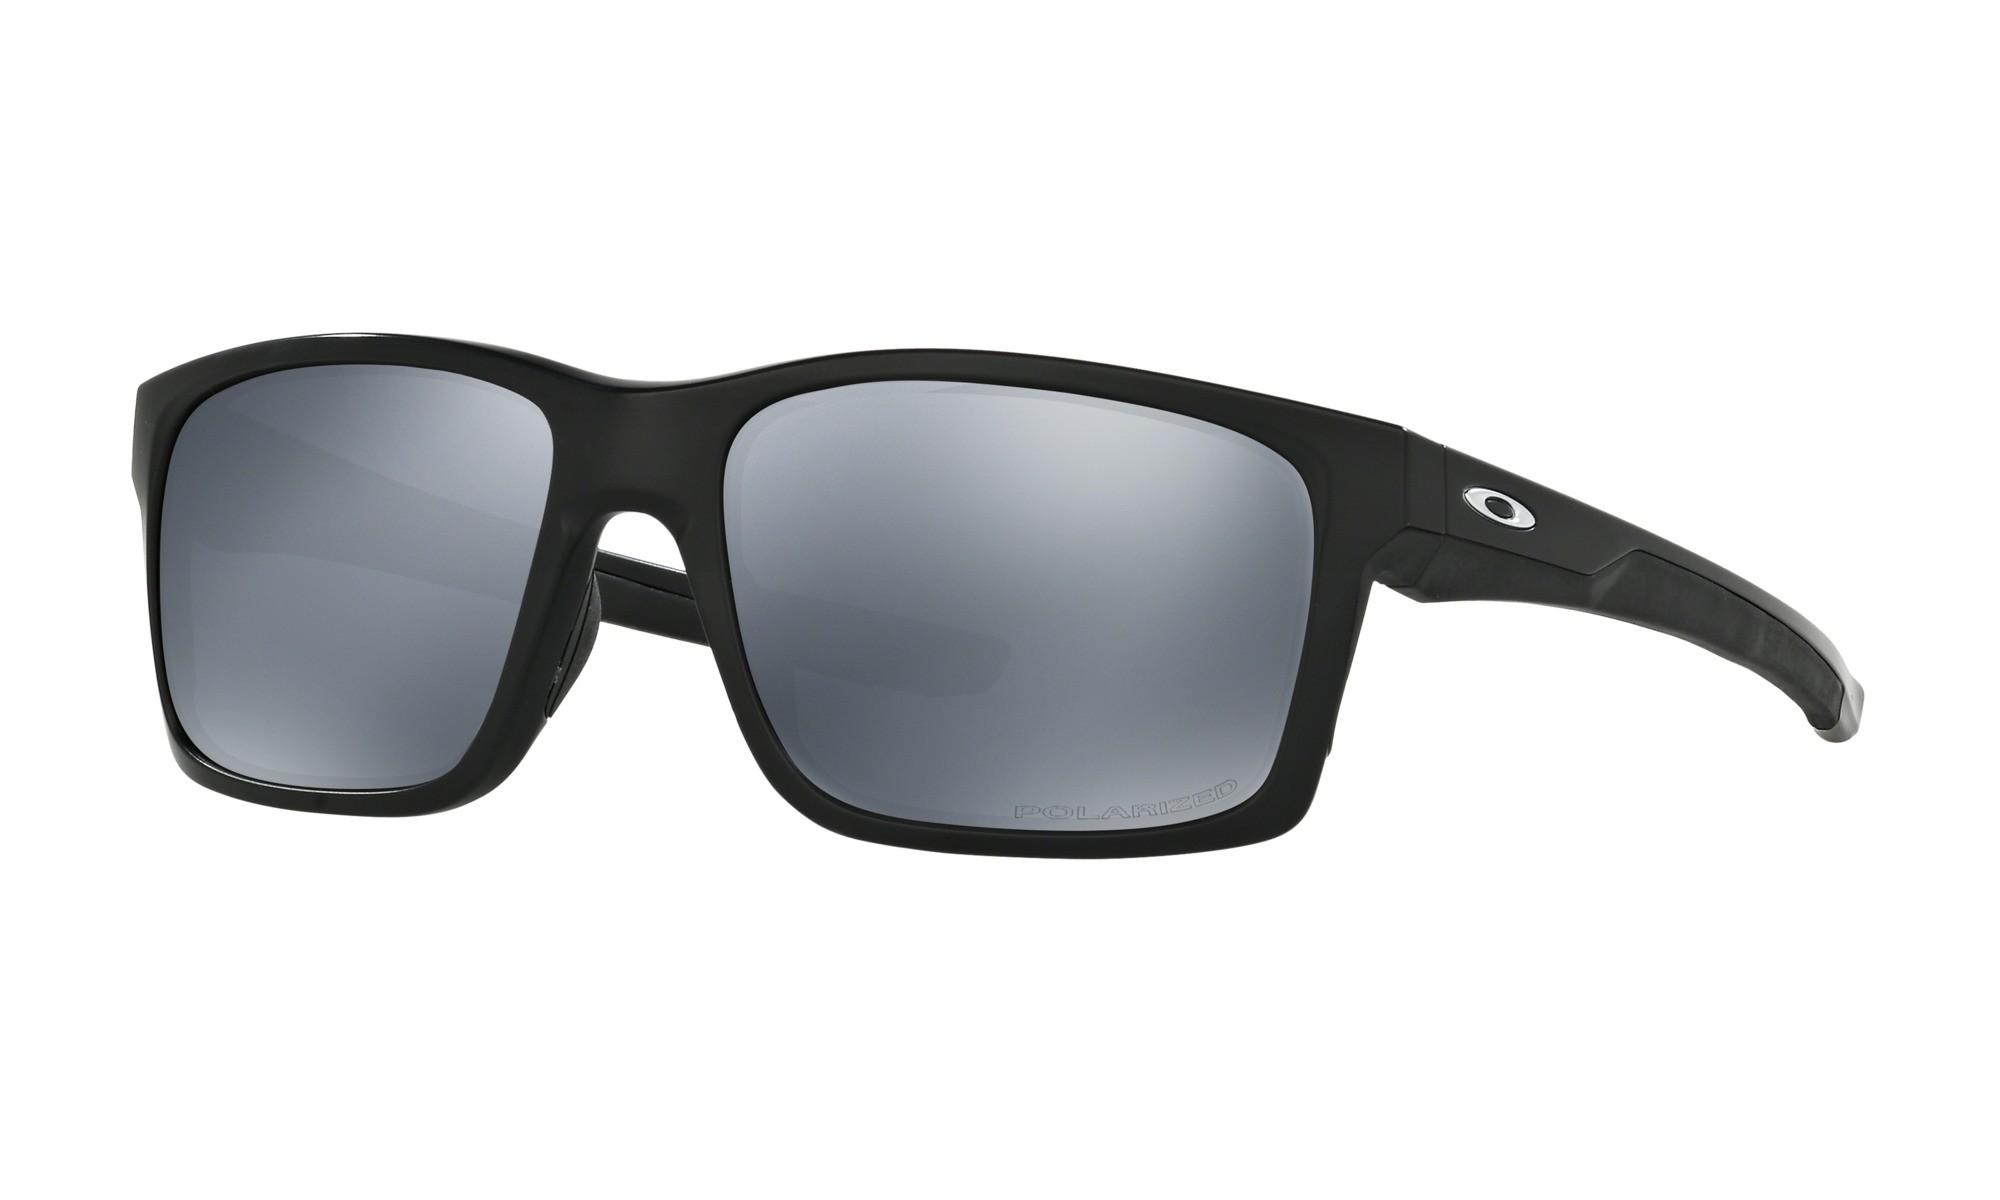 3a8abefa09 Fake Oakley MAINLINK Sunglasses POLARIZED Matte Black Frame BLACK IRIDIUM  Lens UK